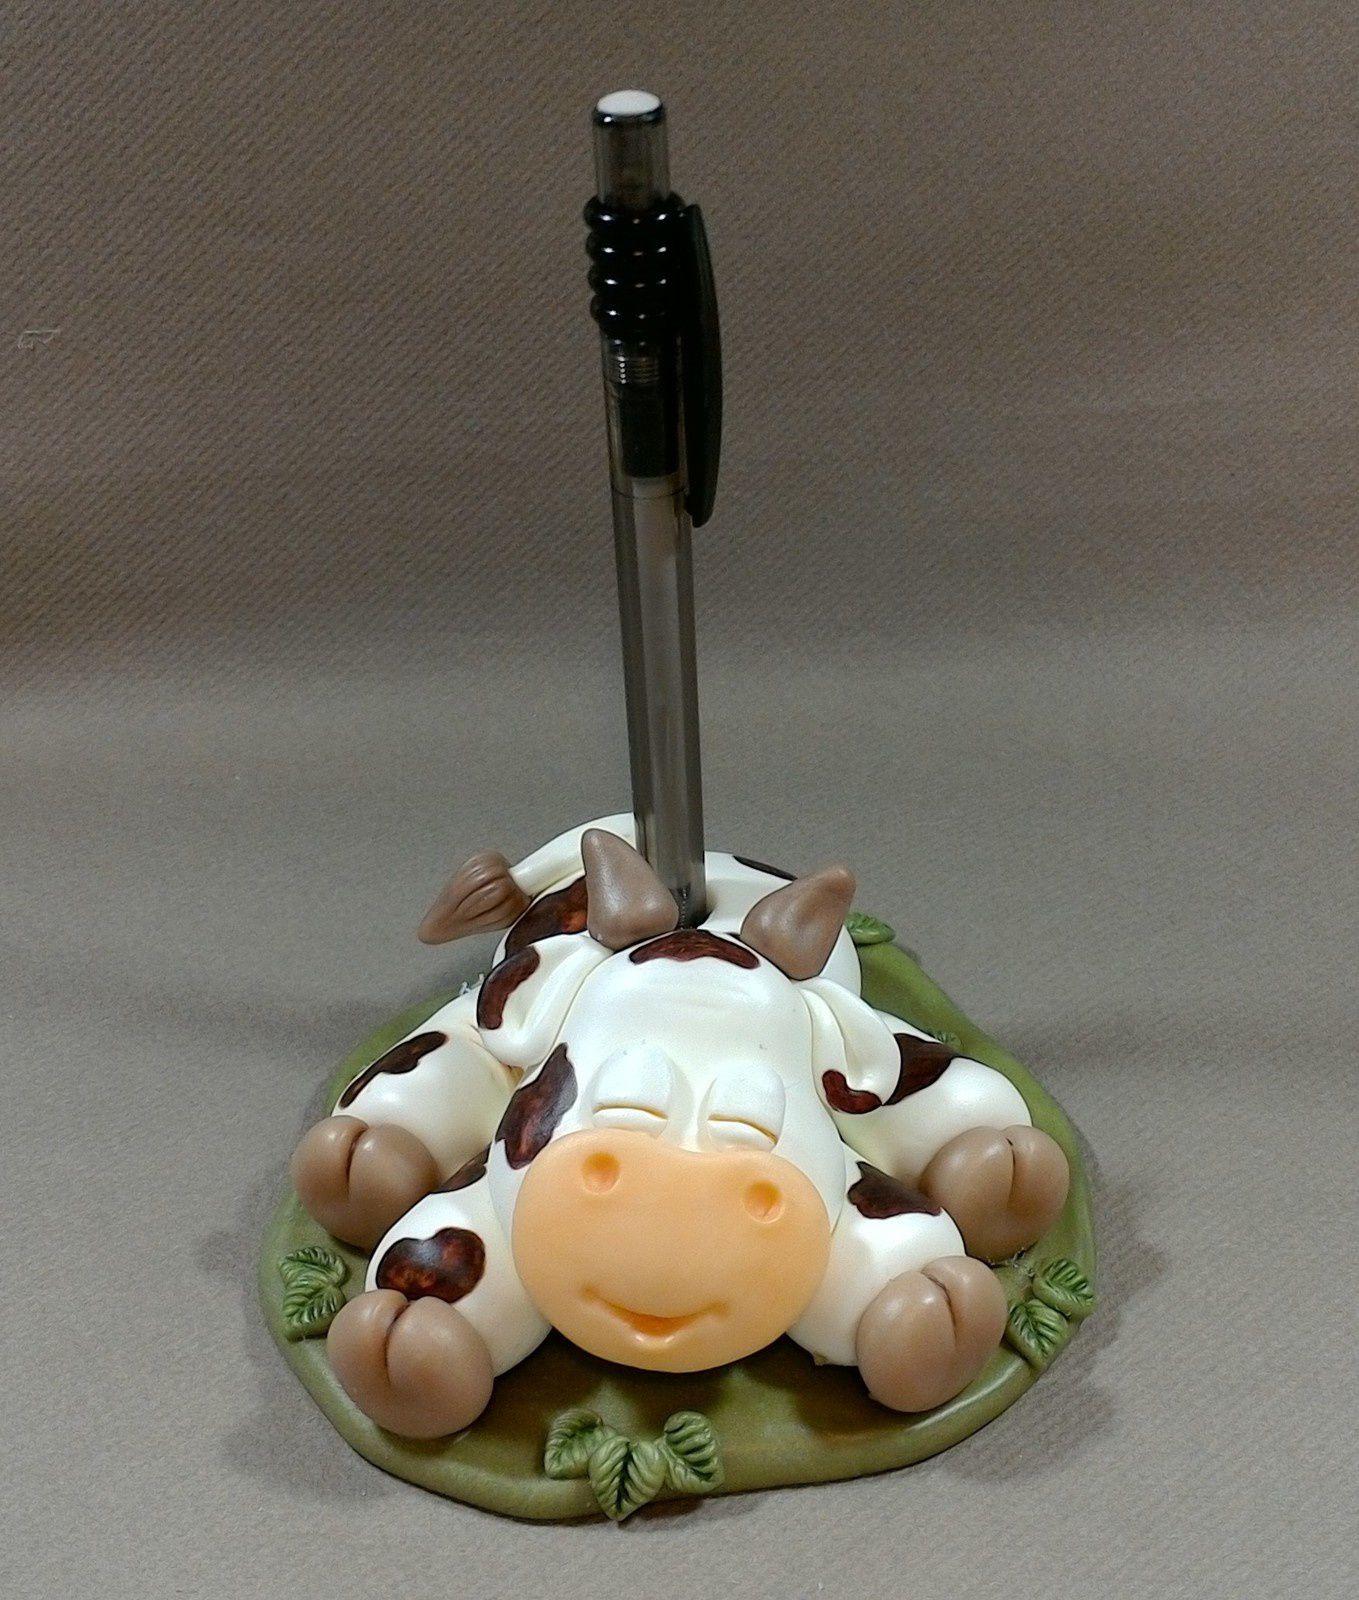 Porte-Bic avec petite vache rigolote